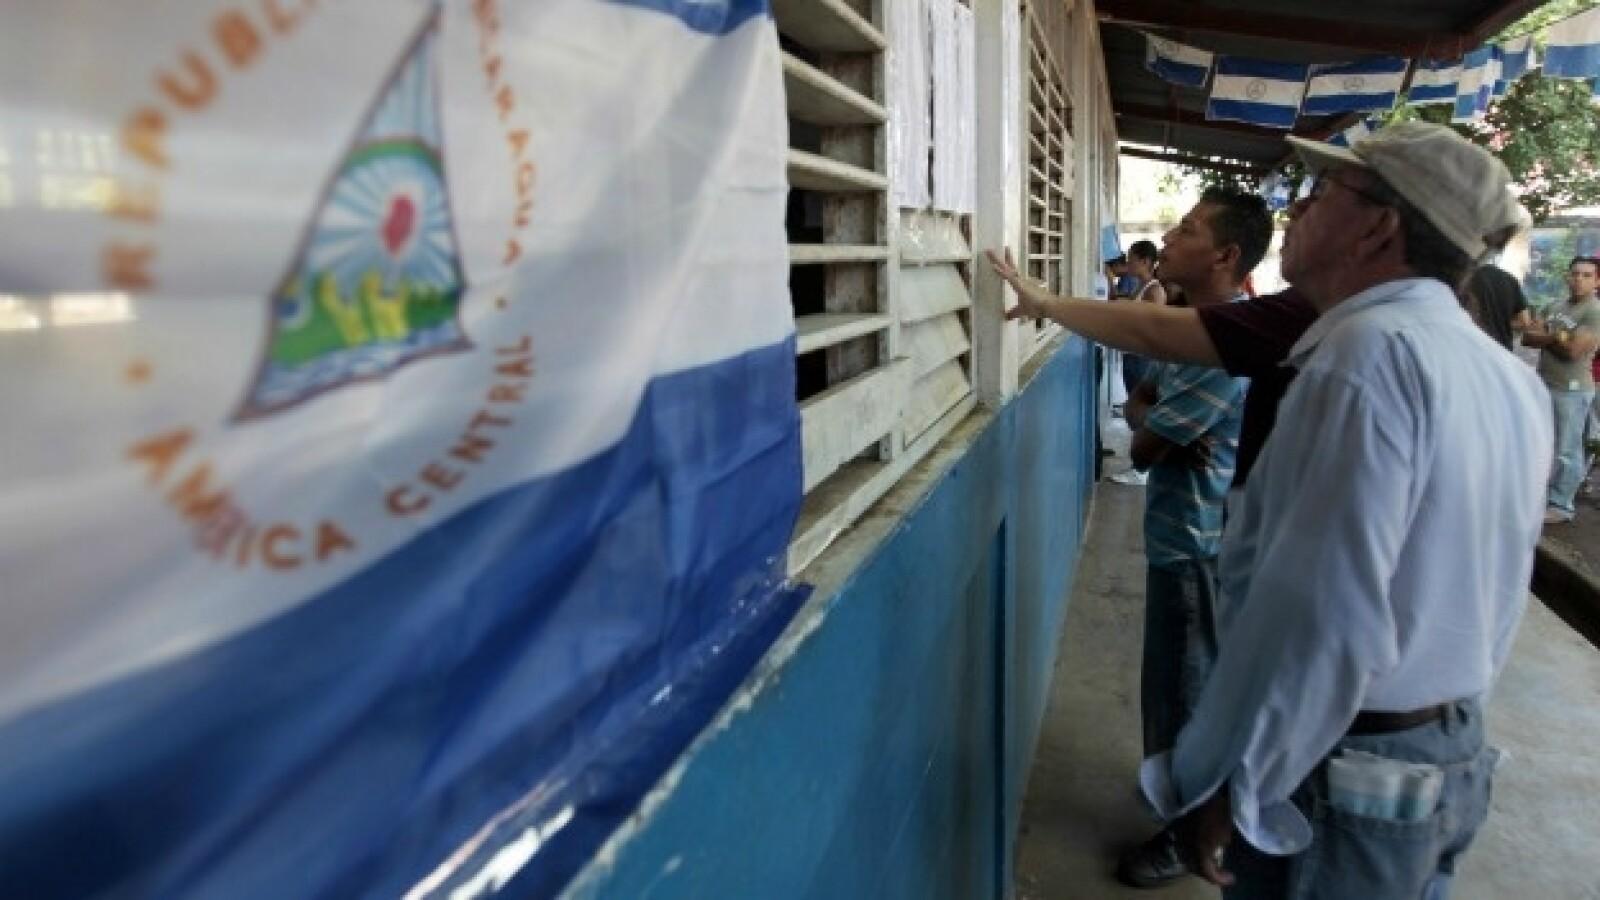 votante revisan listas de eleccion